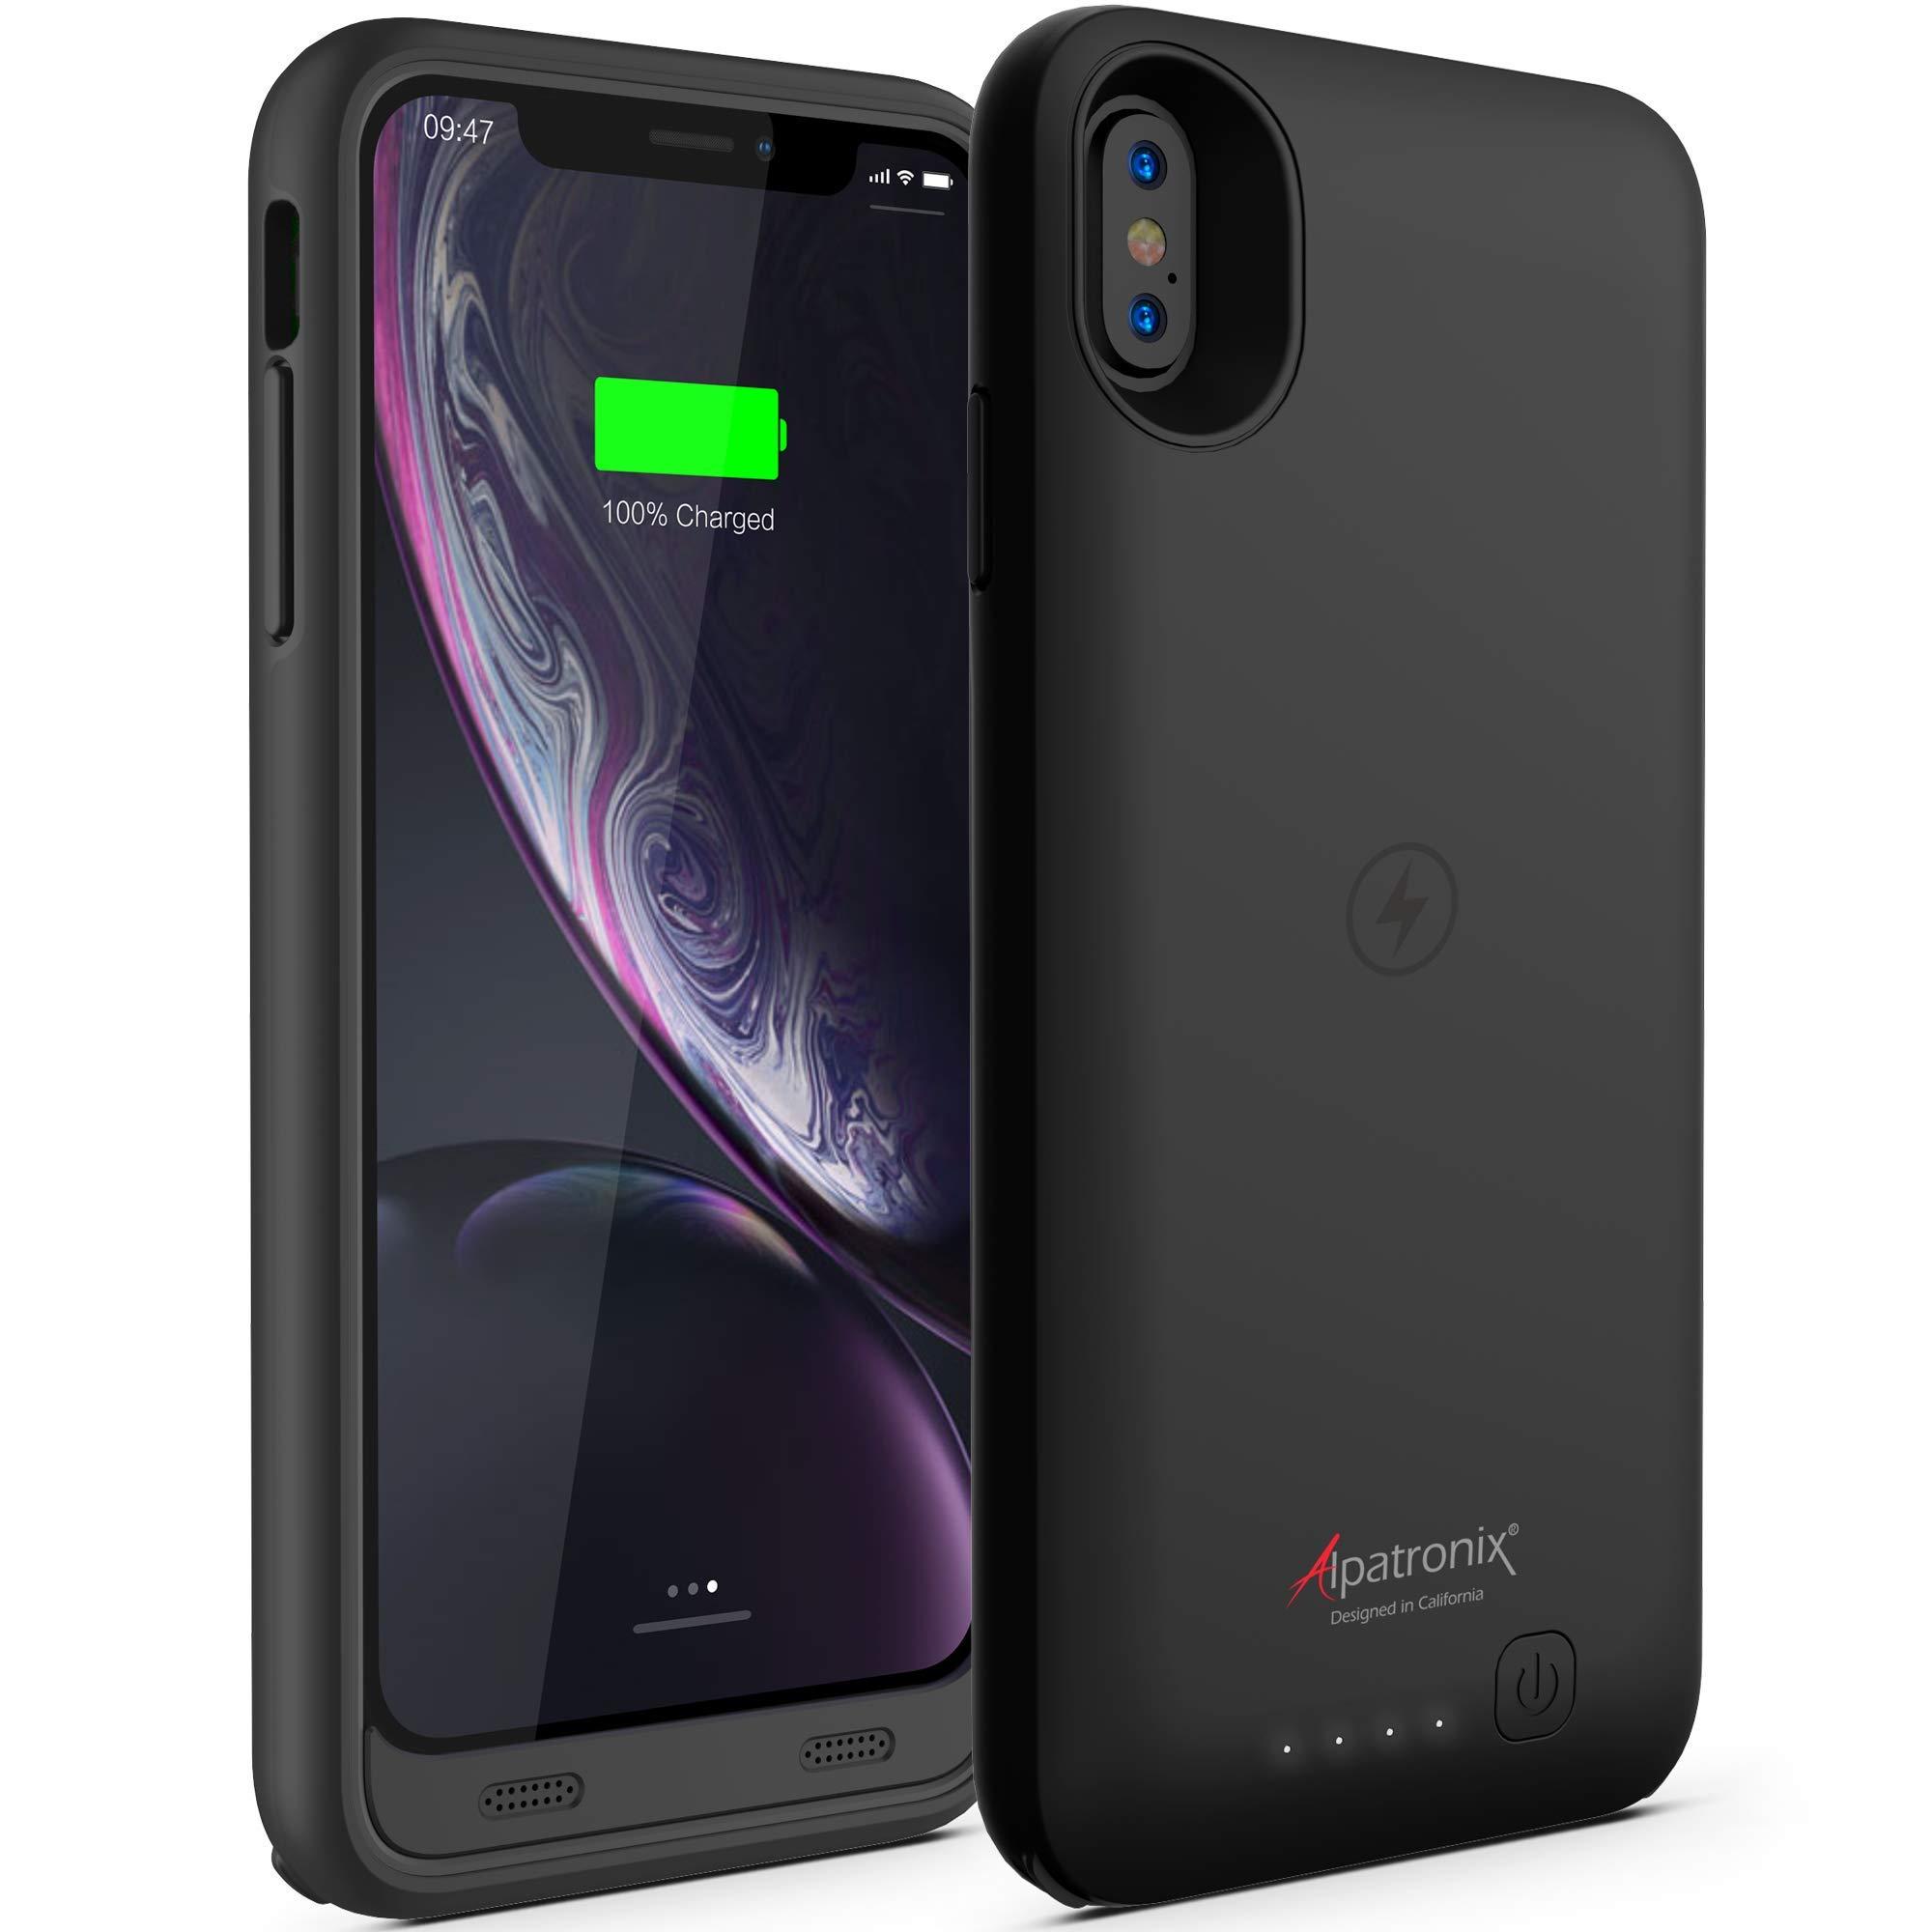 Funda Con Bateria de 3500mah para Apple Iphone Xr ALPATRONIX [7H832NW9]